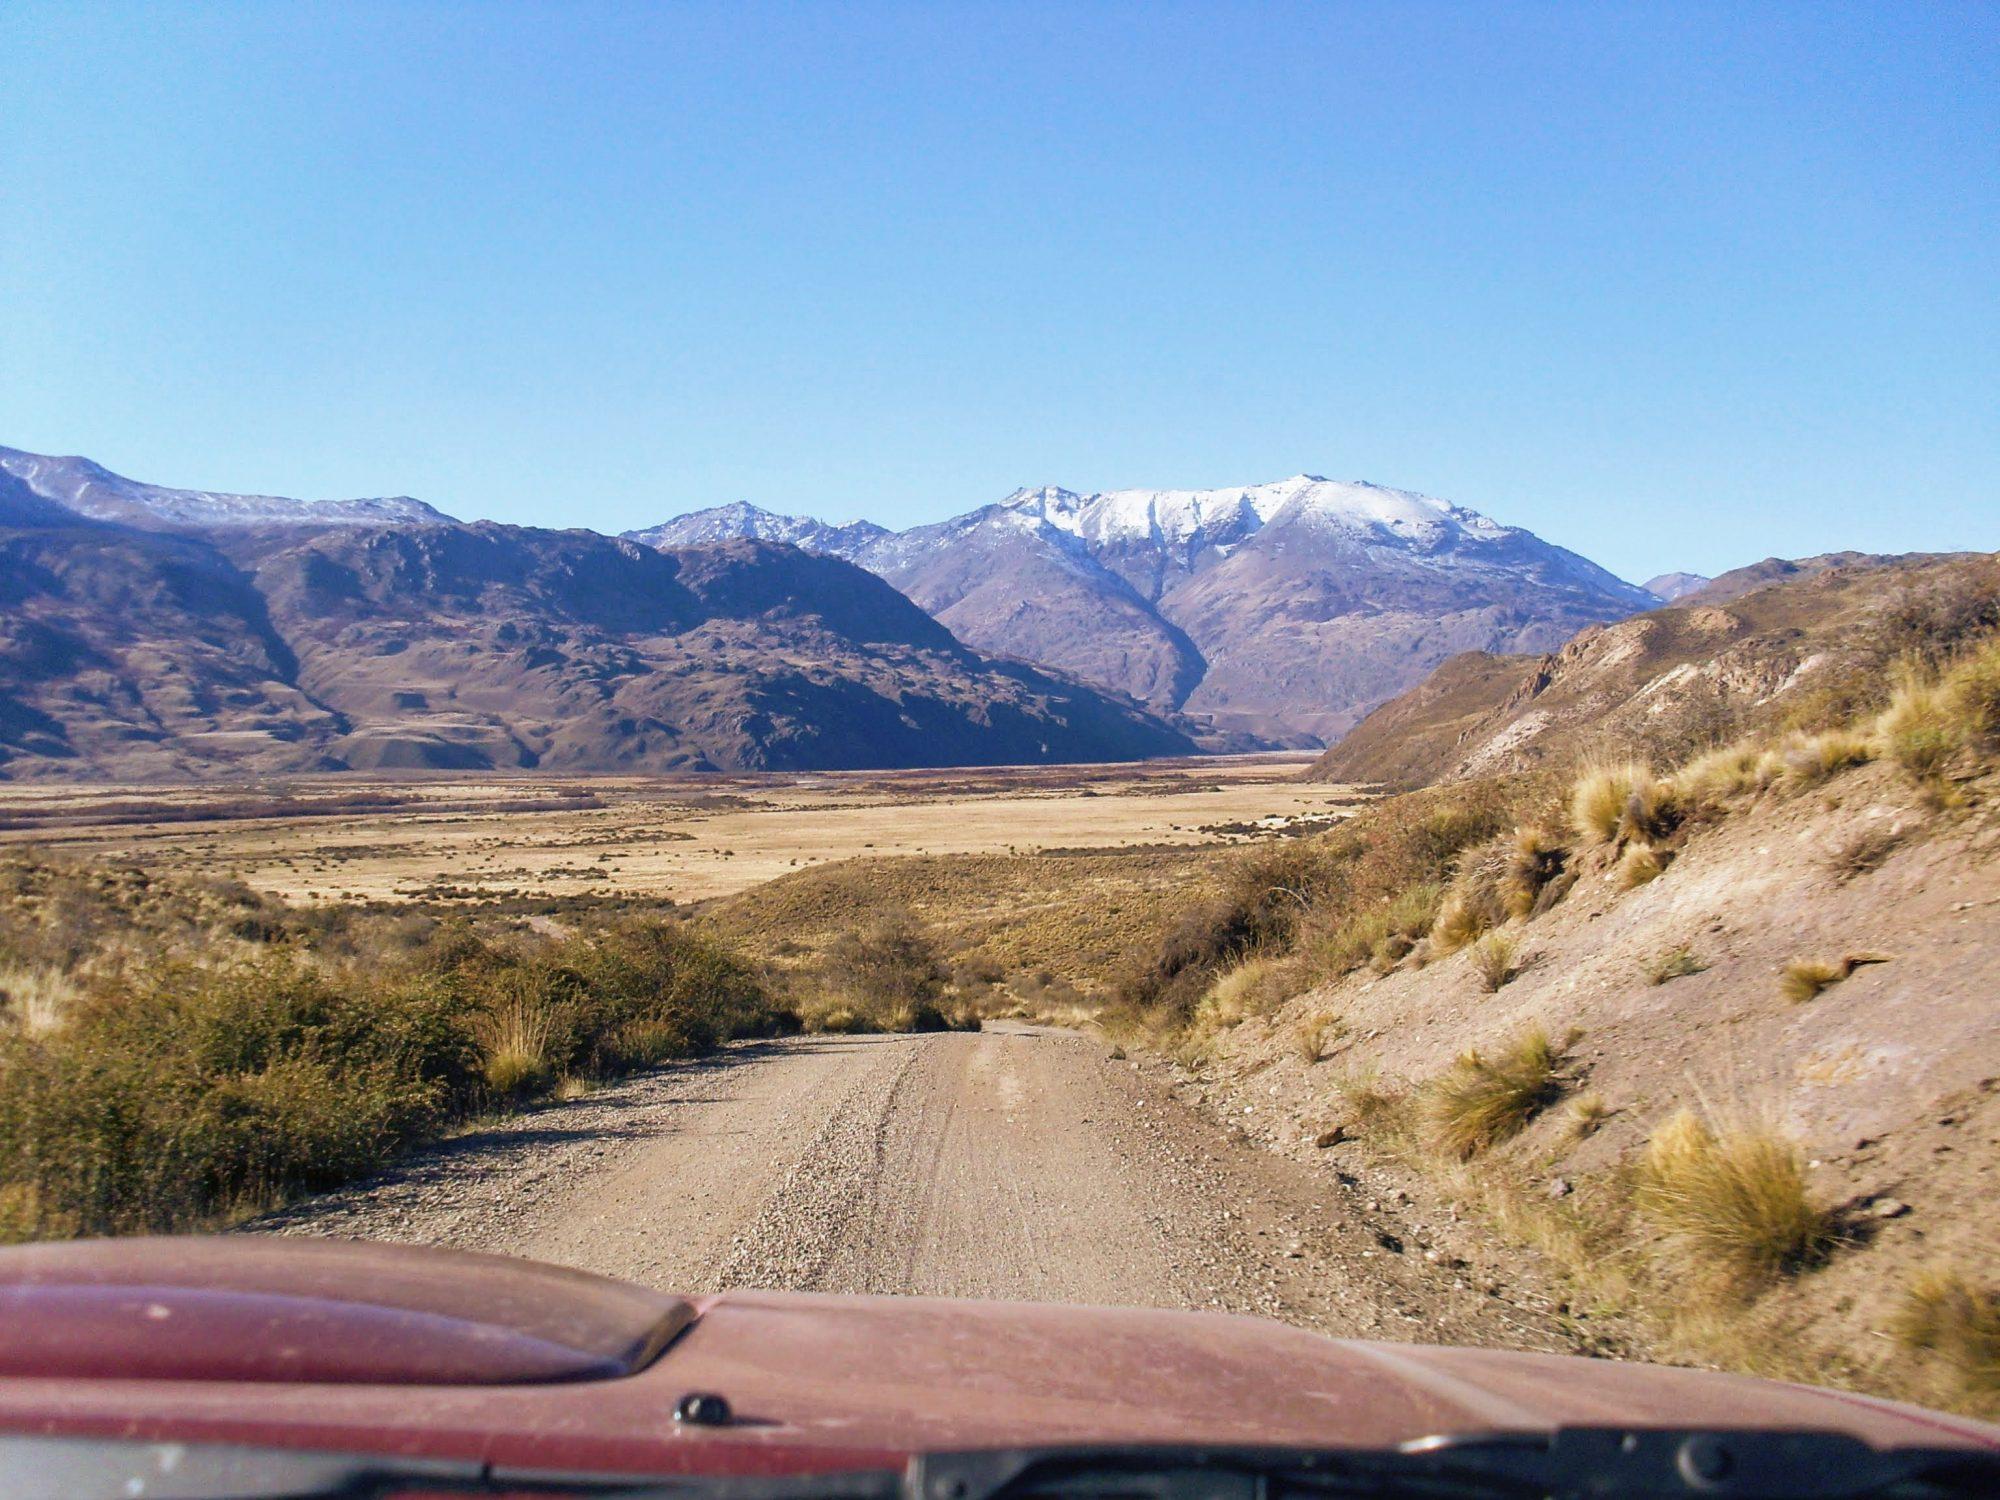 Argentina Patagonia, Carretera Austral - Valle Chacabuco